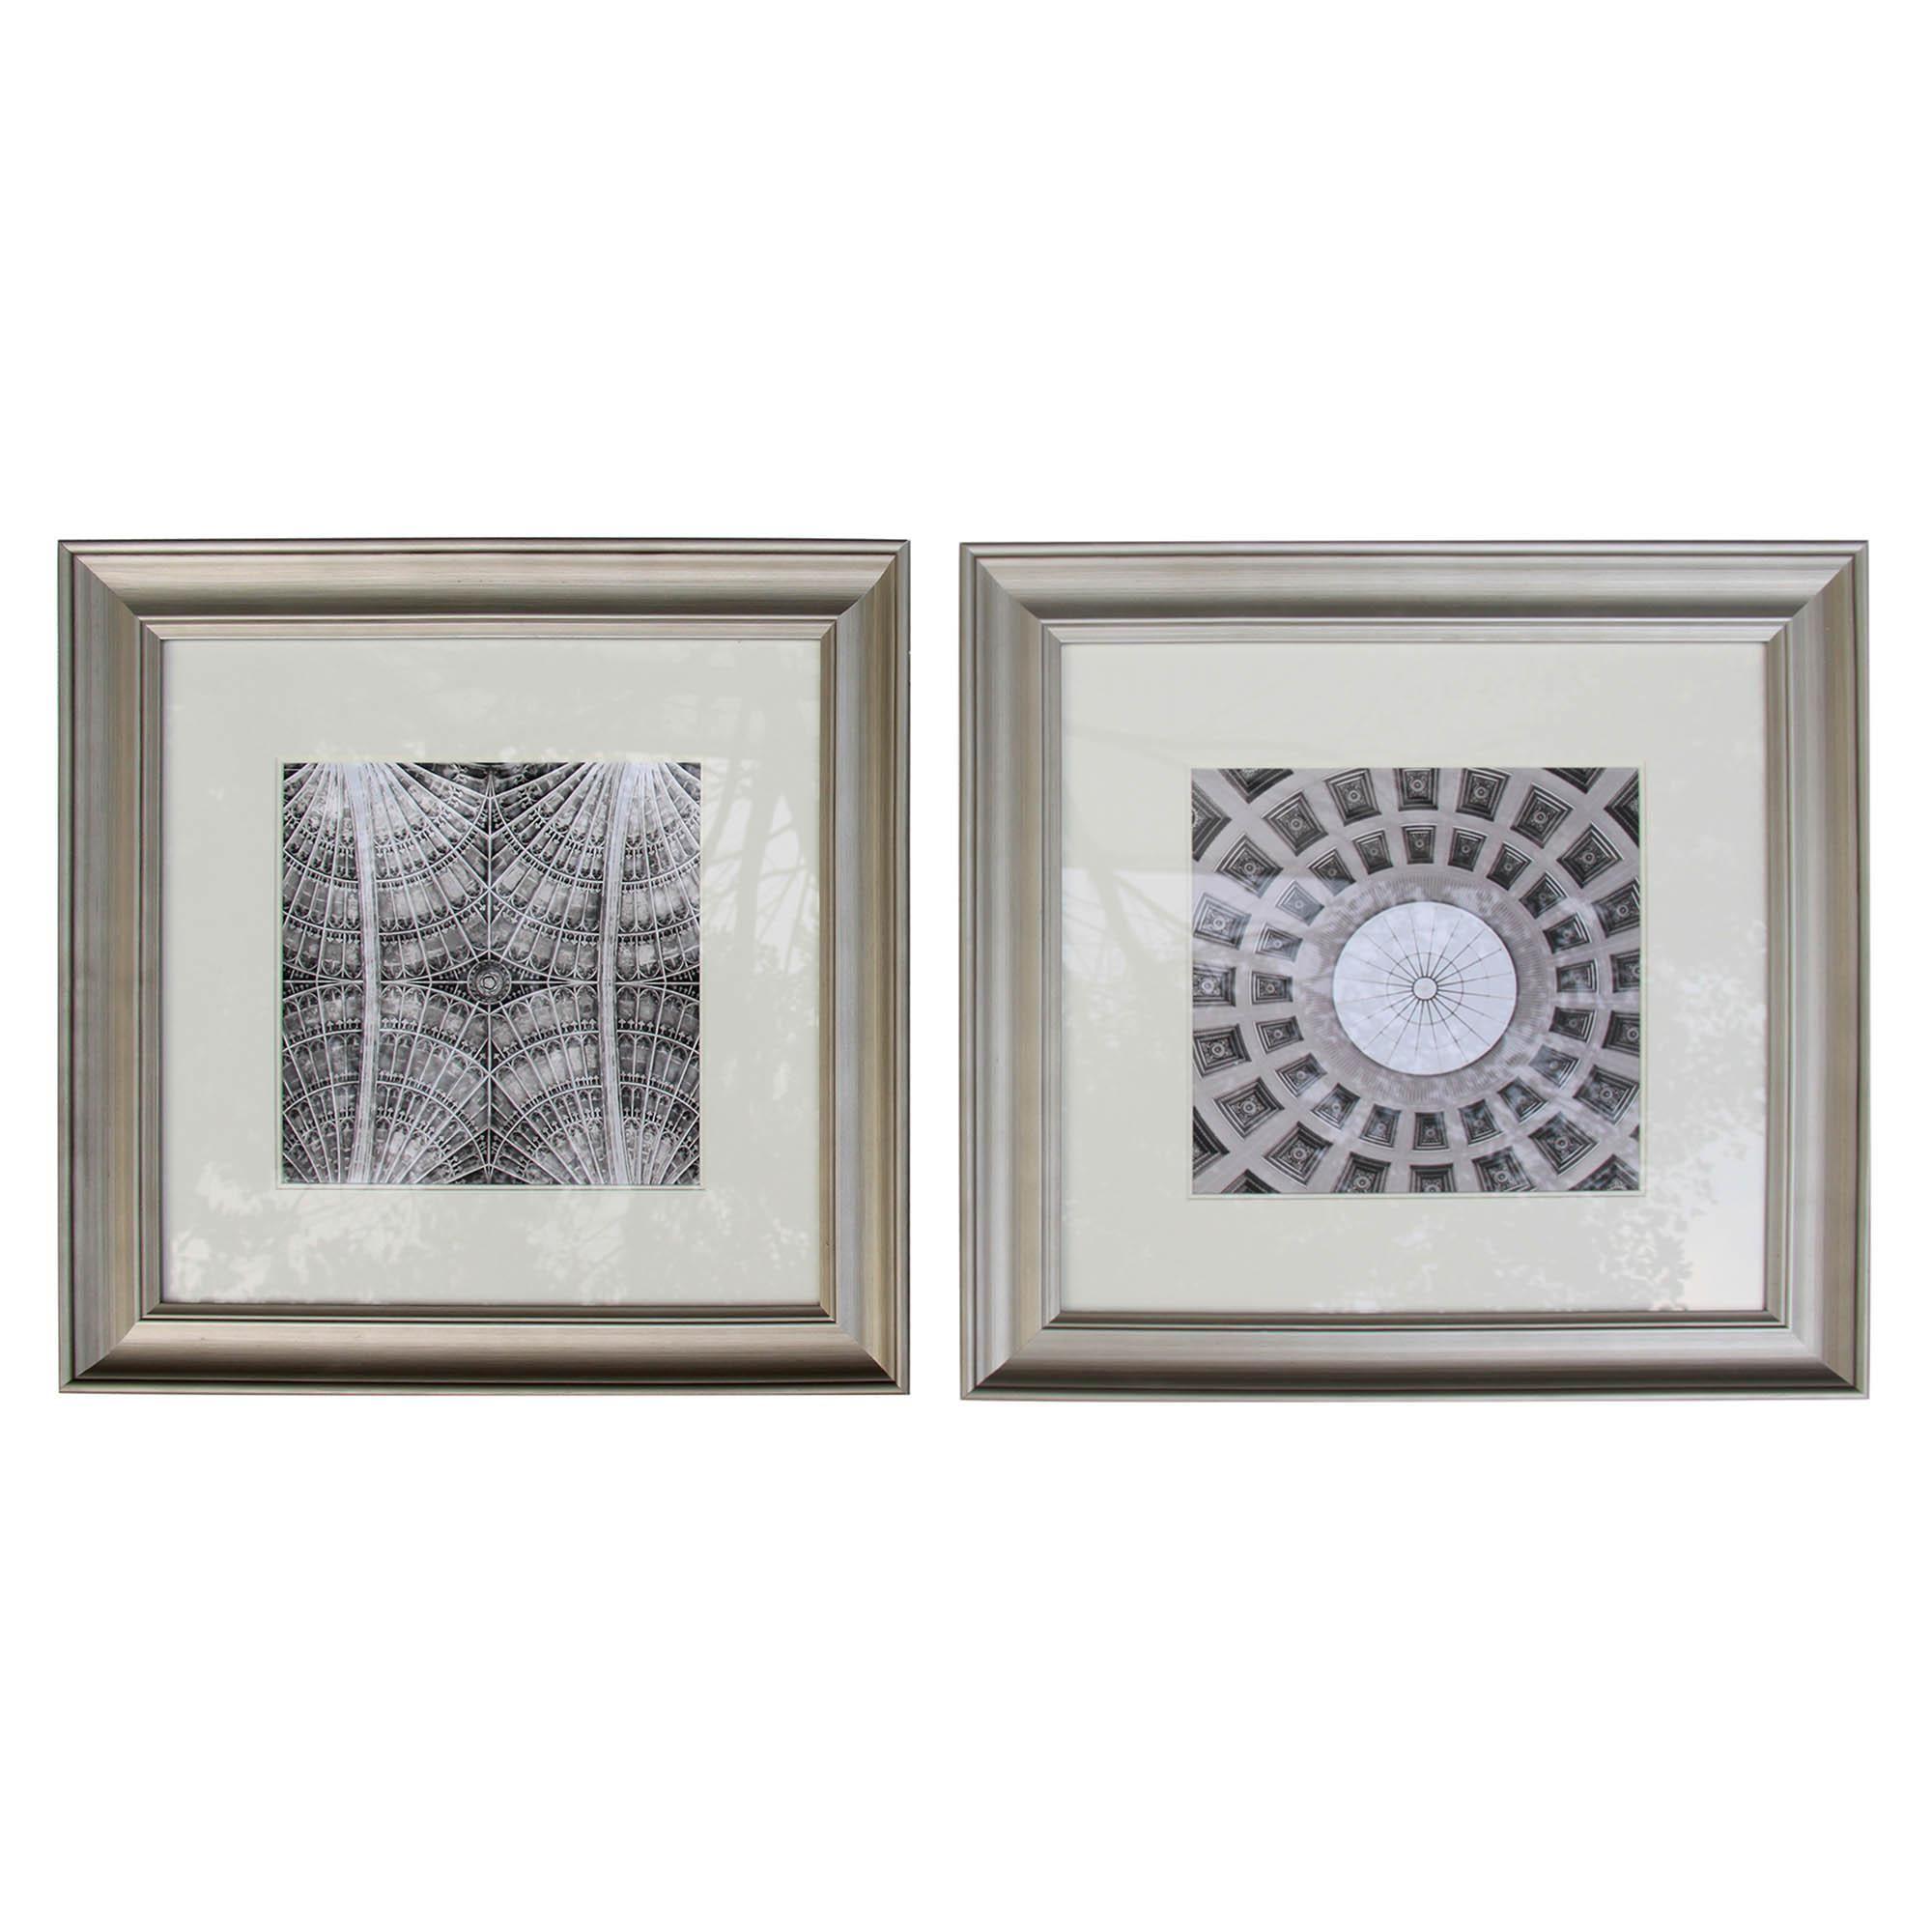 Dorma Set Of 2 Timeless Framed Prints Dunelm Frame Mirror Wall Art Framed Prints